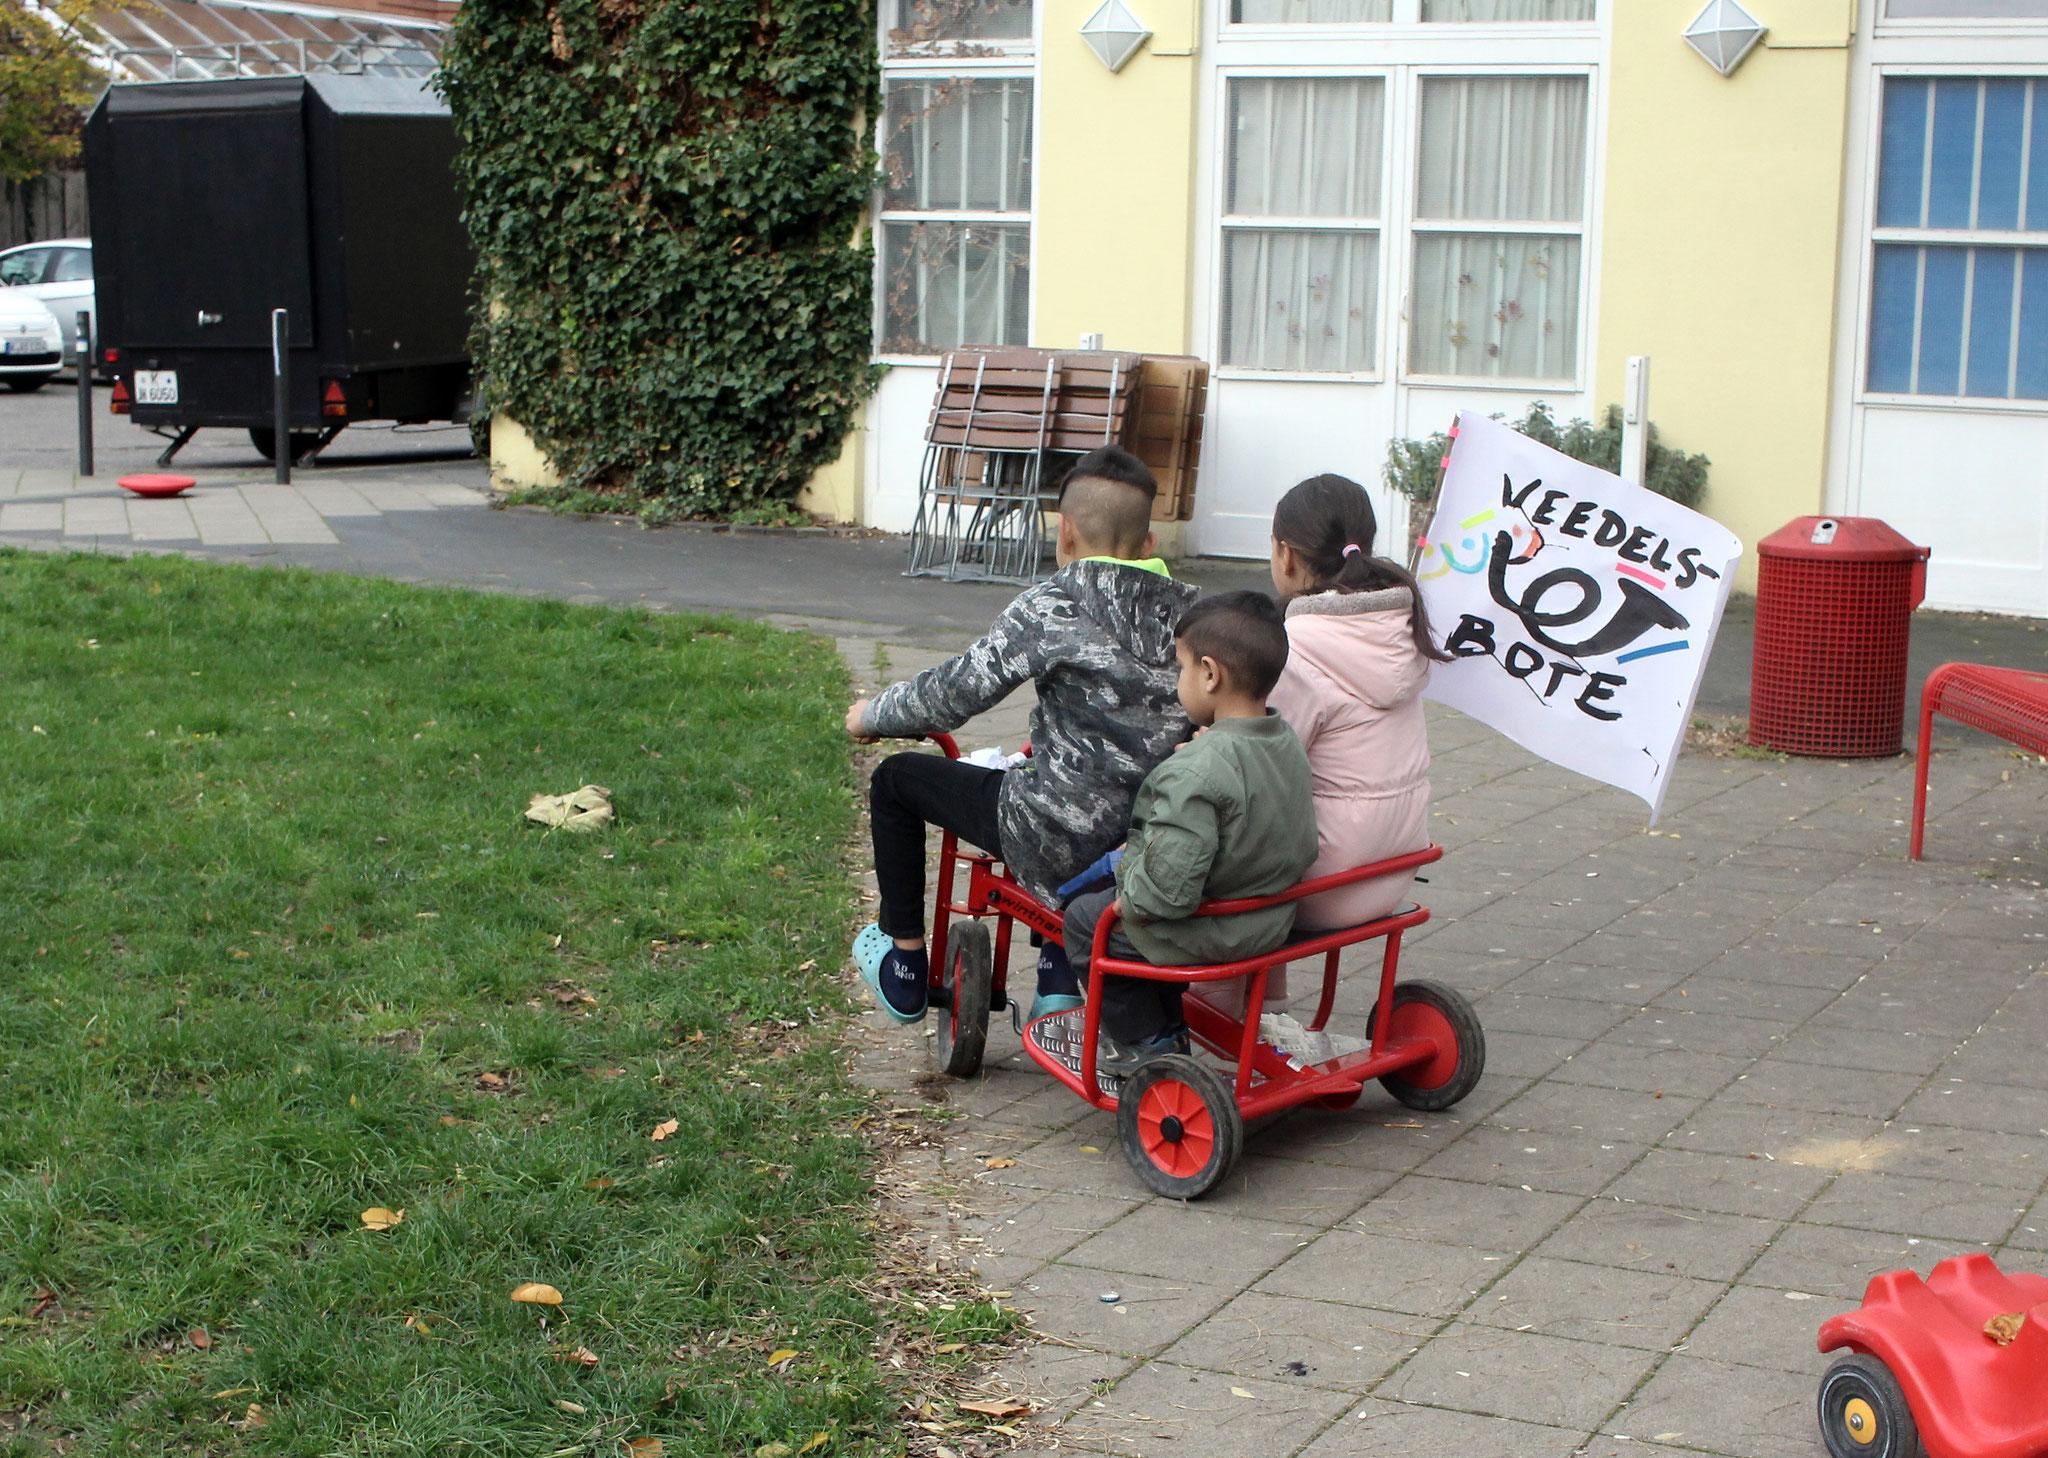 Veedels-Bote(n) unterwegs im MüTZe Park.